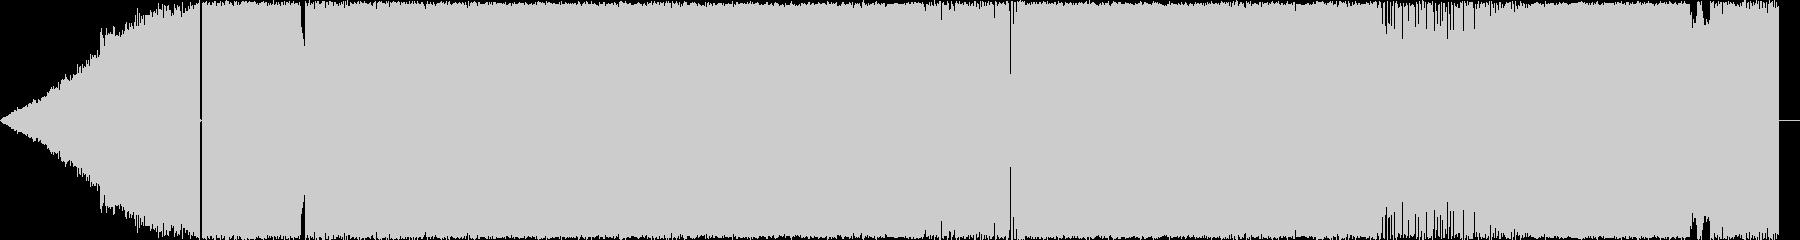 疾走感あるアップテンポハードロックの未再生の波形